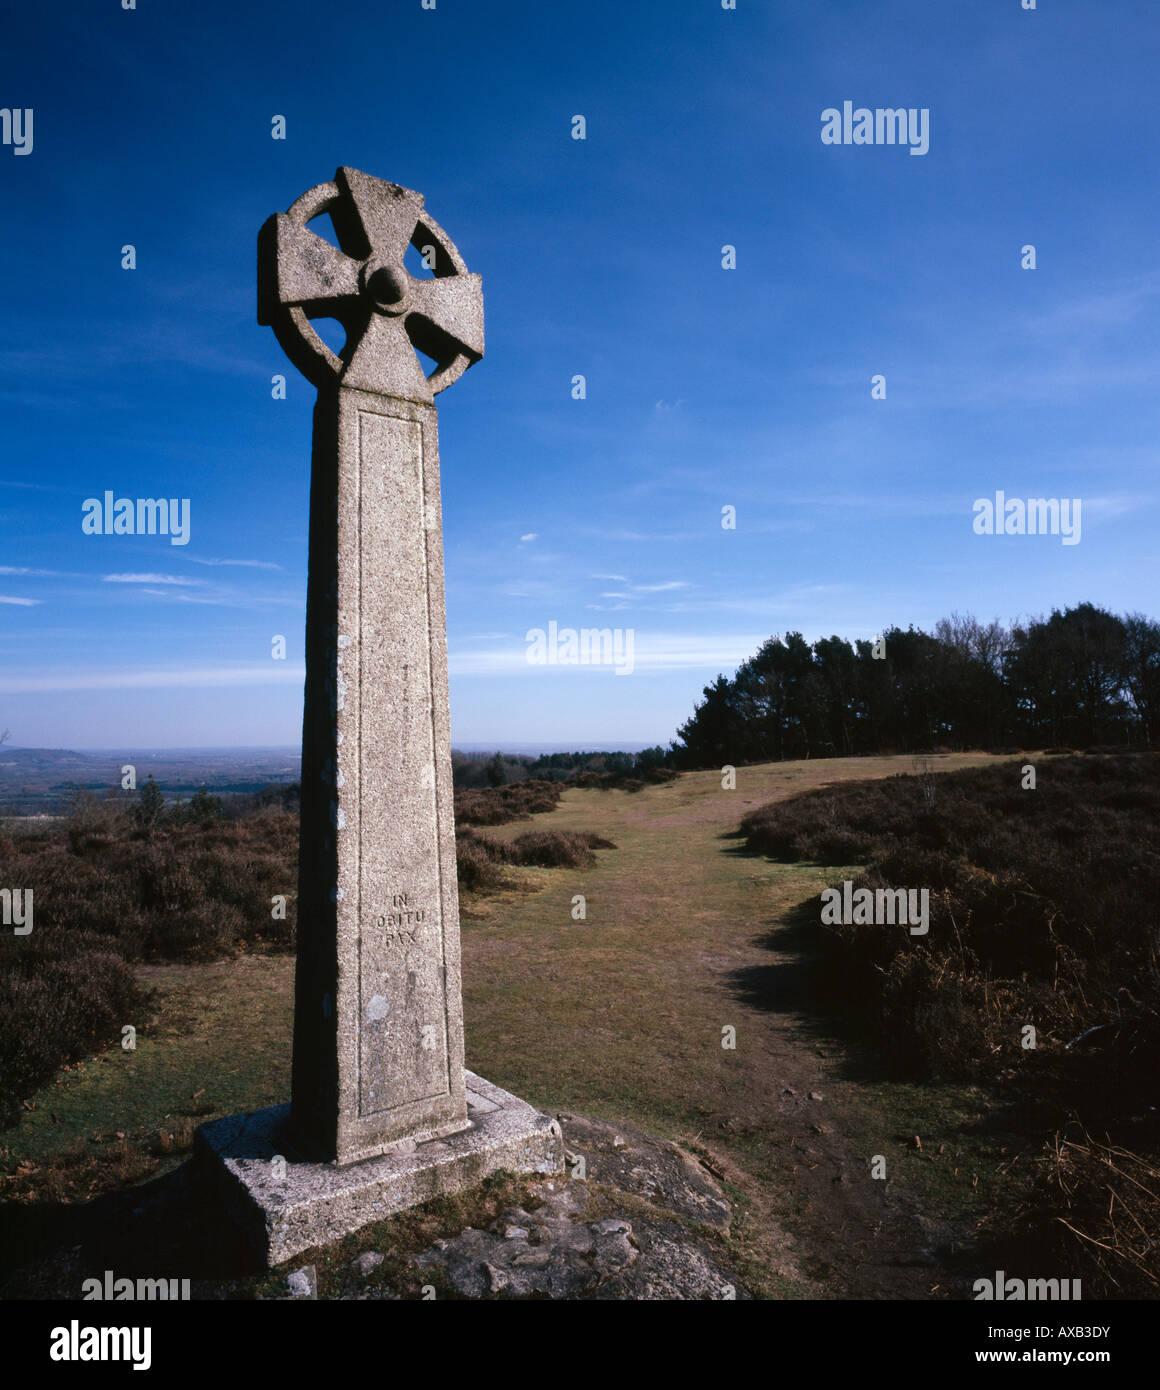 Una cruz celta de granito en la parte superior del patíbulo Hill. Imagen De Stock